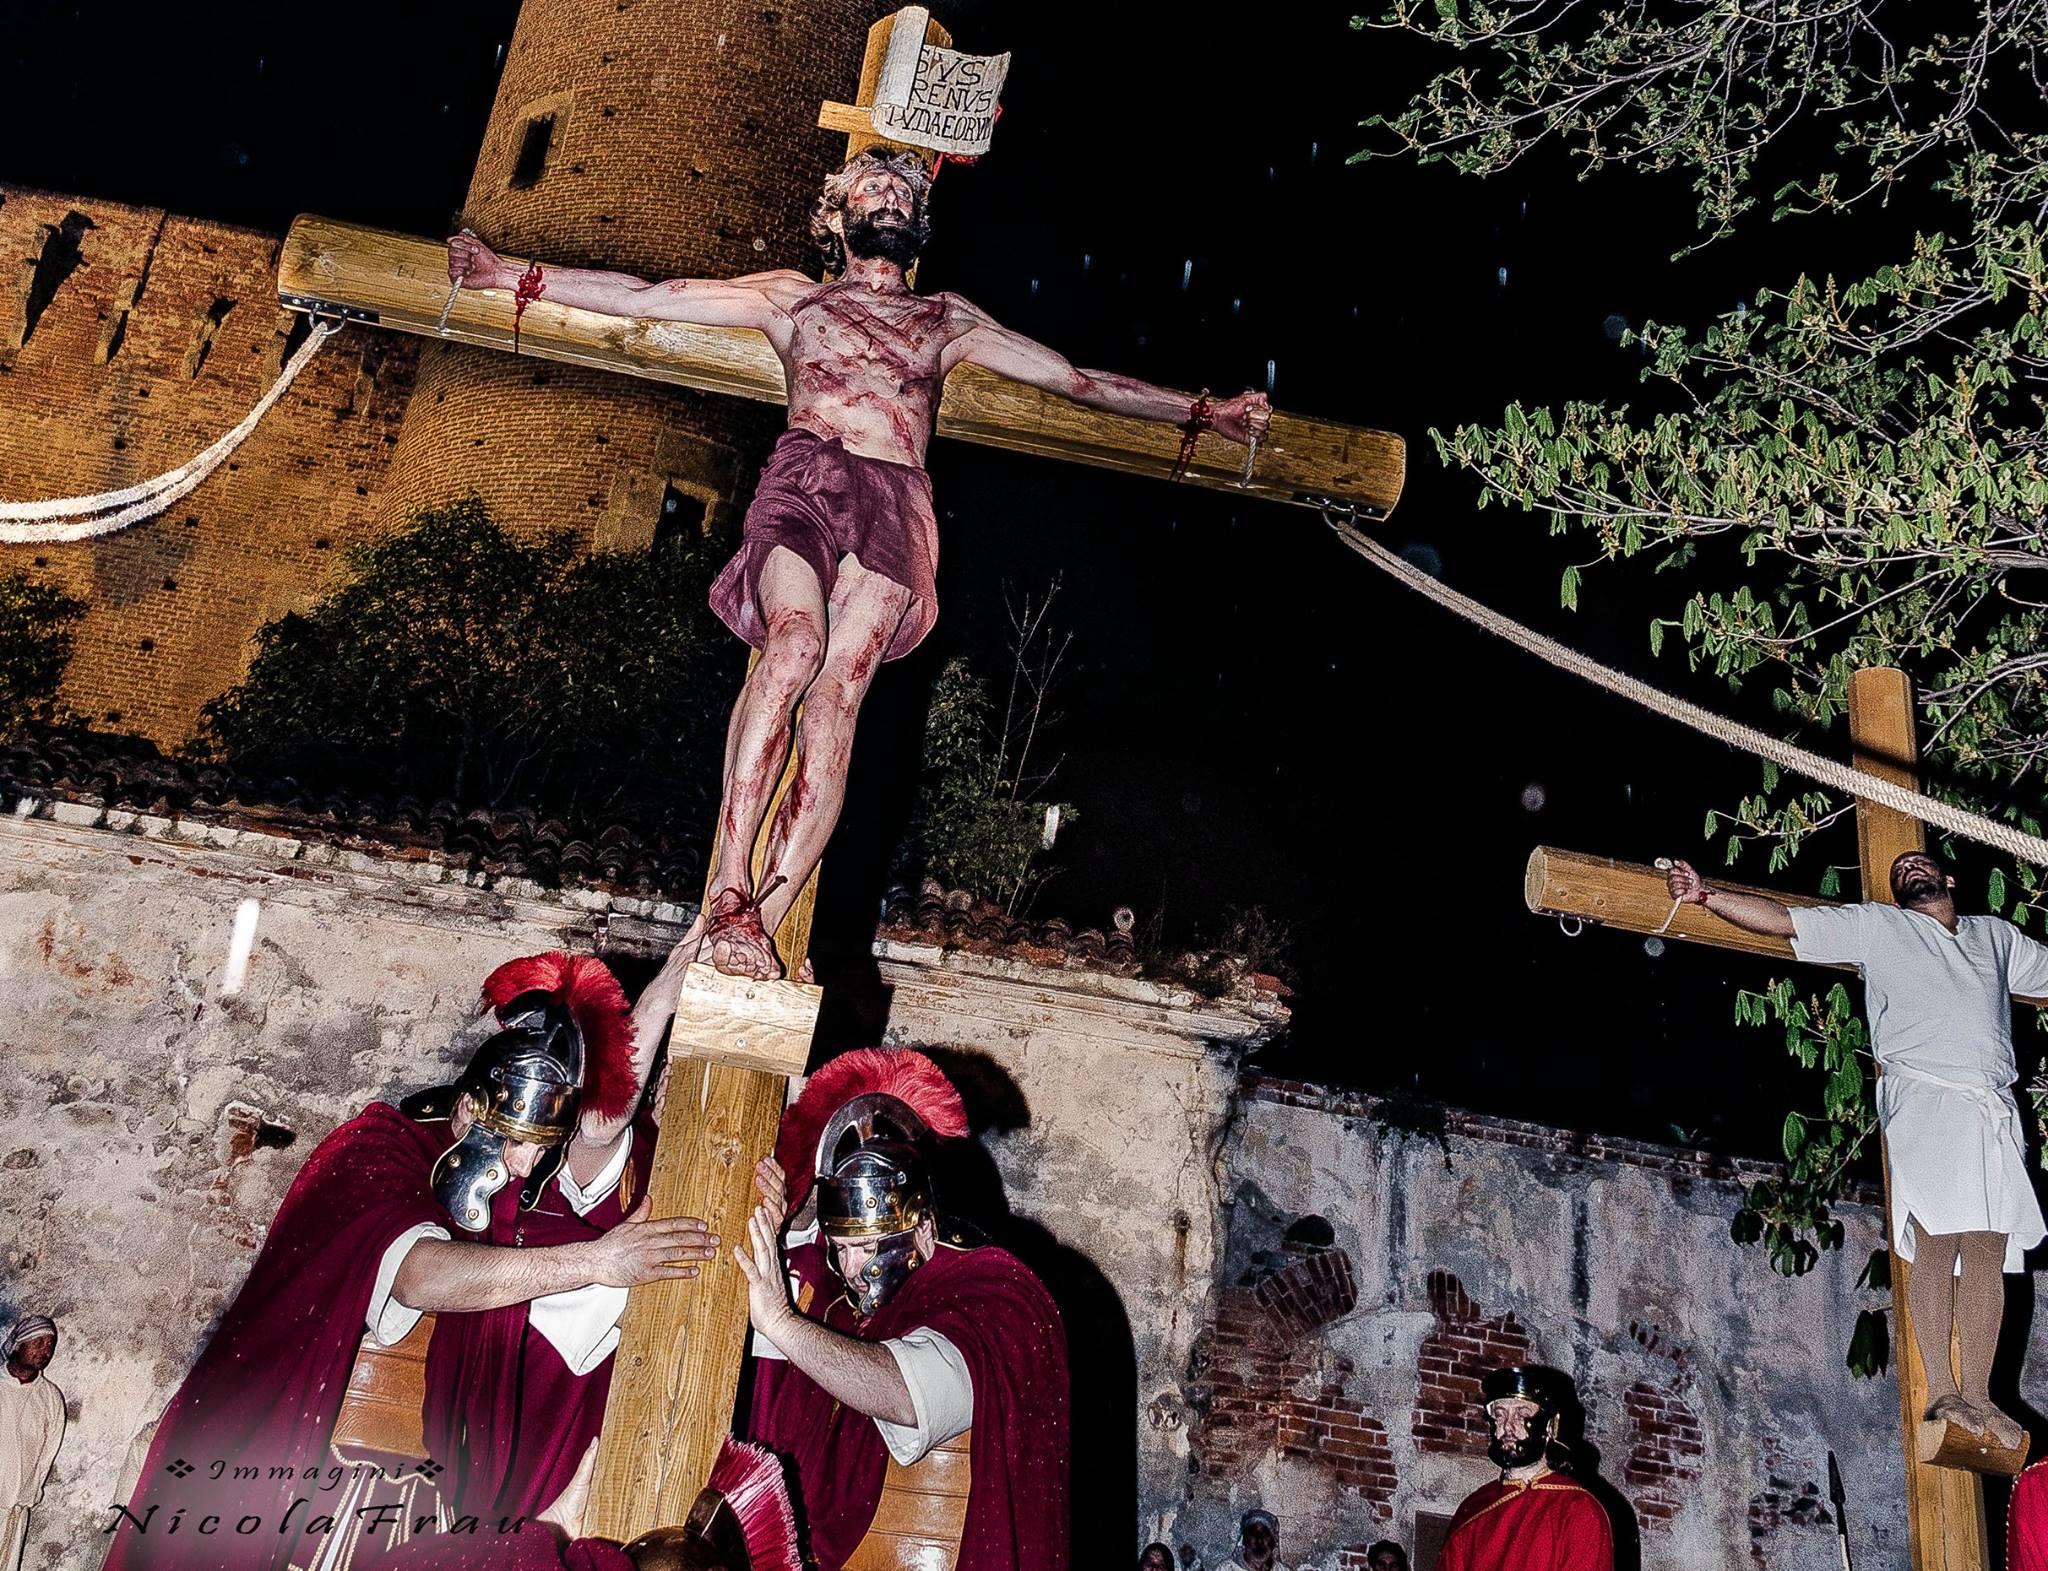 Passione di Cristo Ivrea 2017 - UNESCO - Nicola Frau (Crocefissione davanti al Castello)